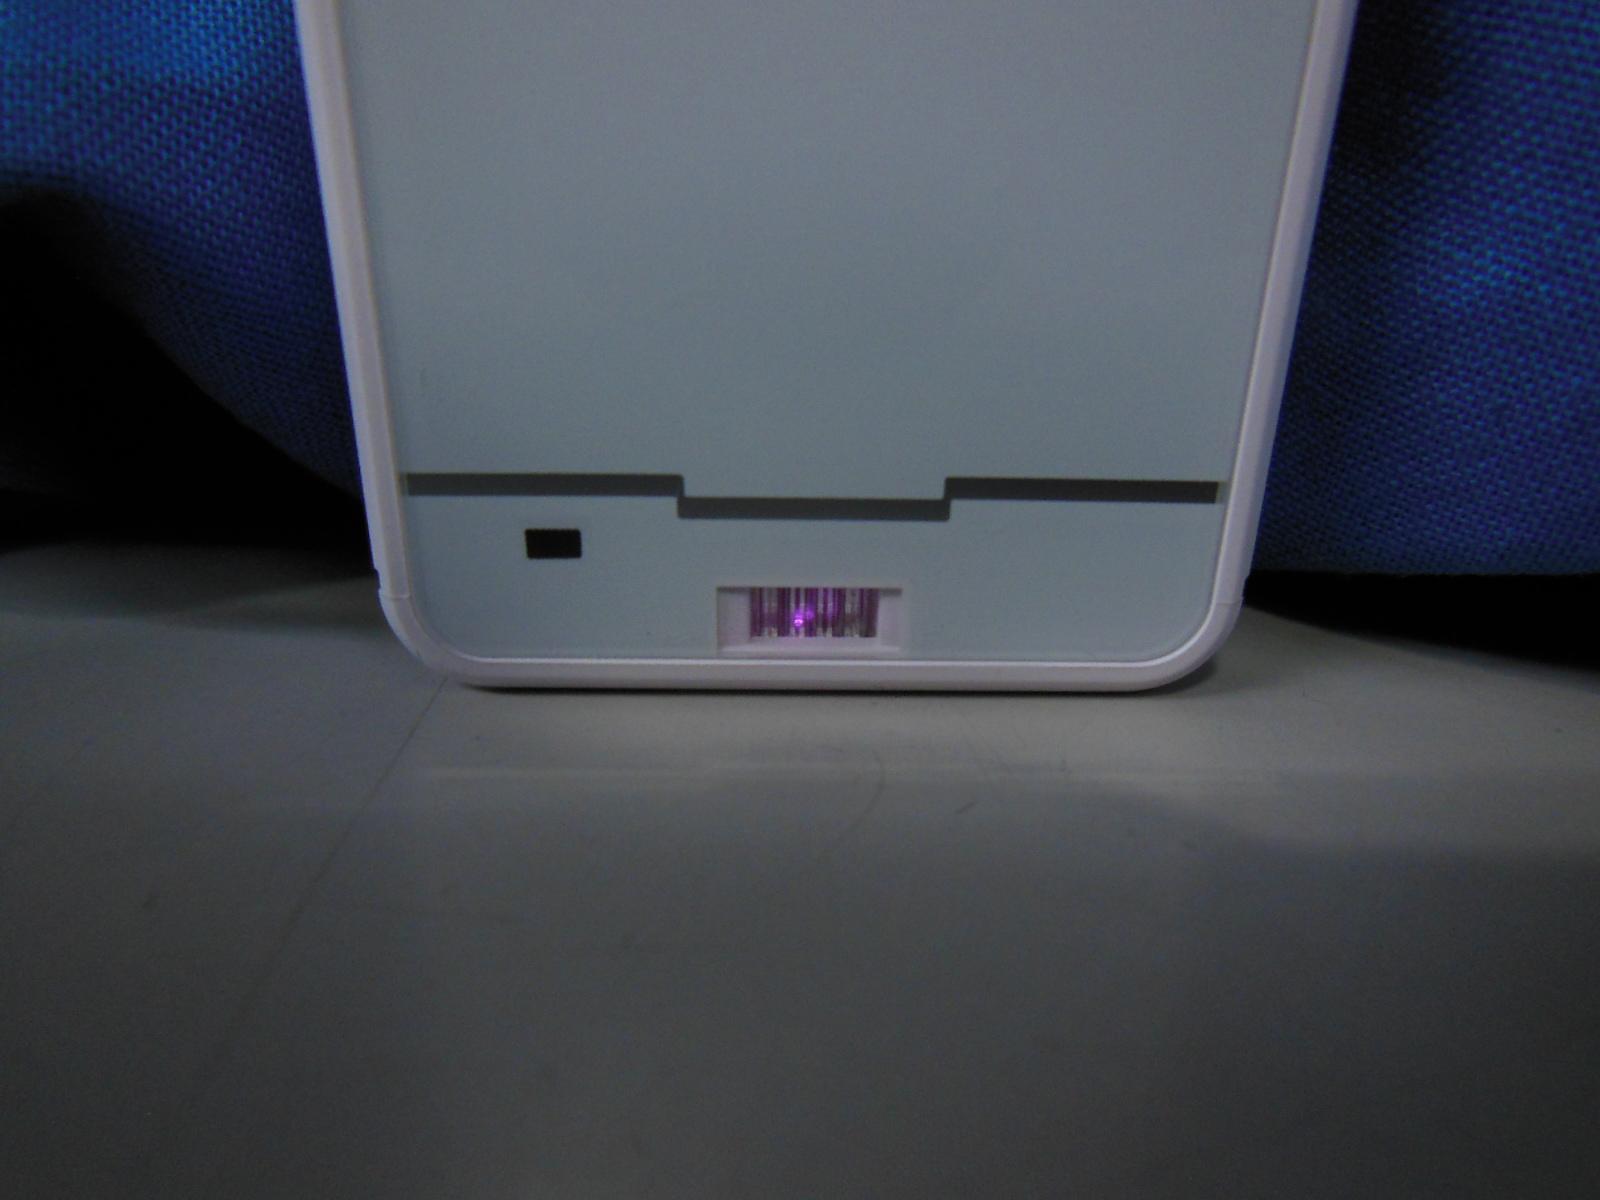 ッターン! のような音がしないのもメリット。 機種によってはタイピングの際に音を出す事もできるので文字入力の際に「ピピッ」と音を出す事も可能です。